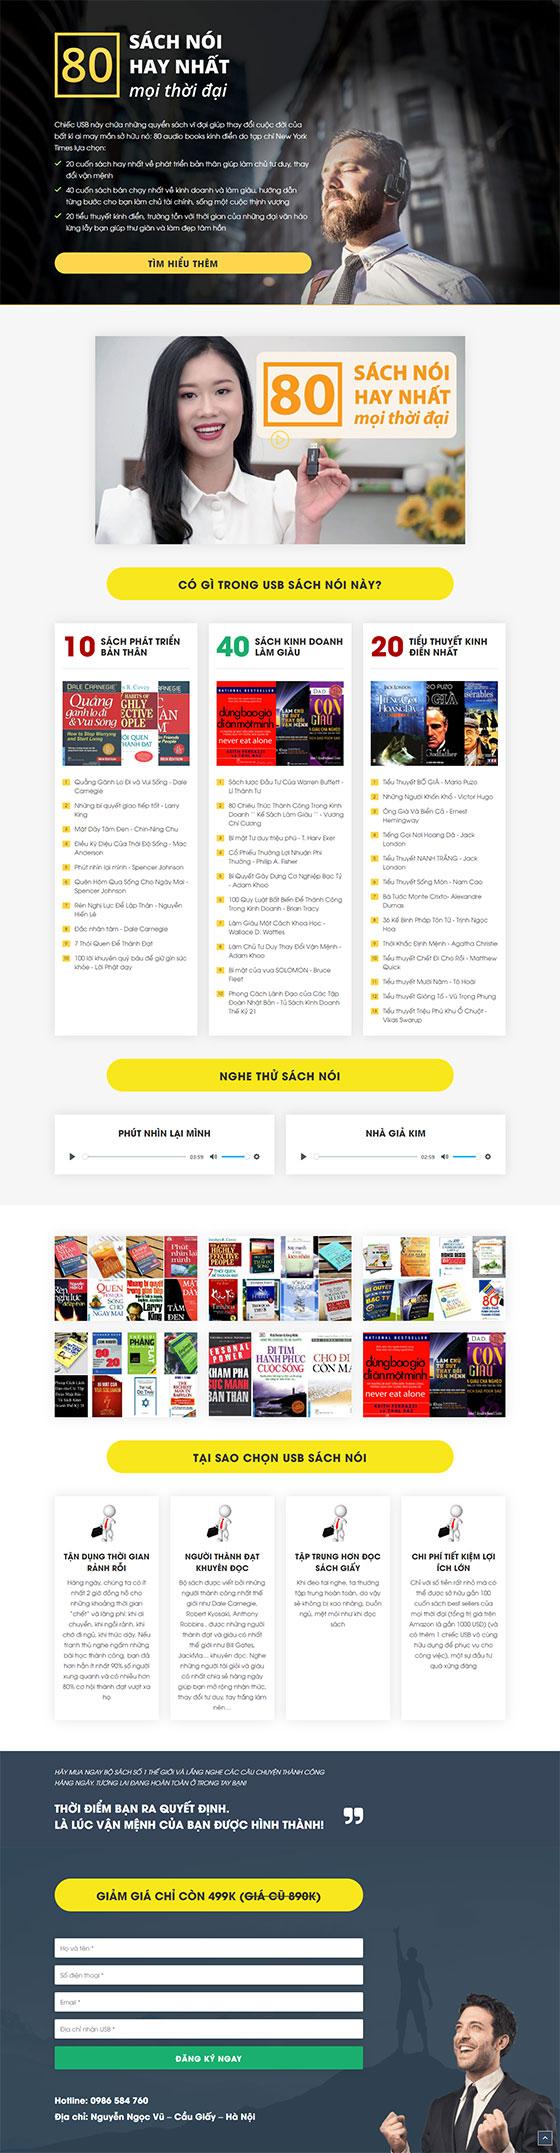 Trang chủ mẫu landing page ebook 01